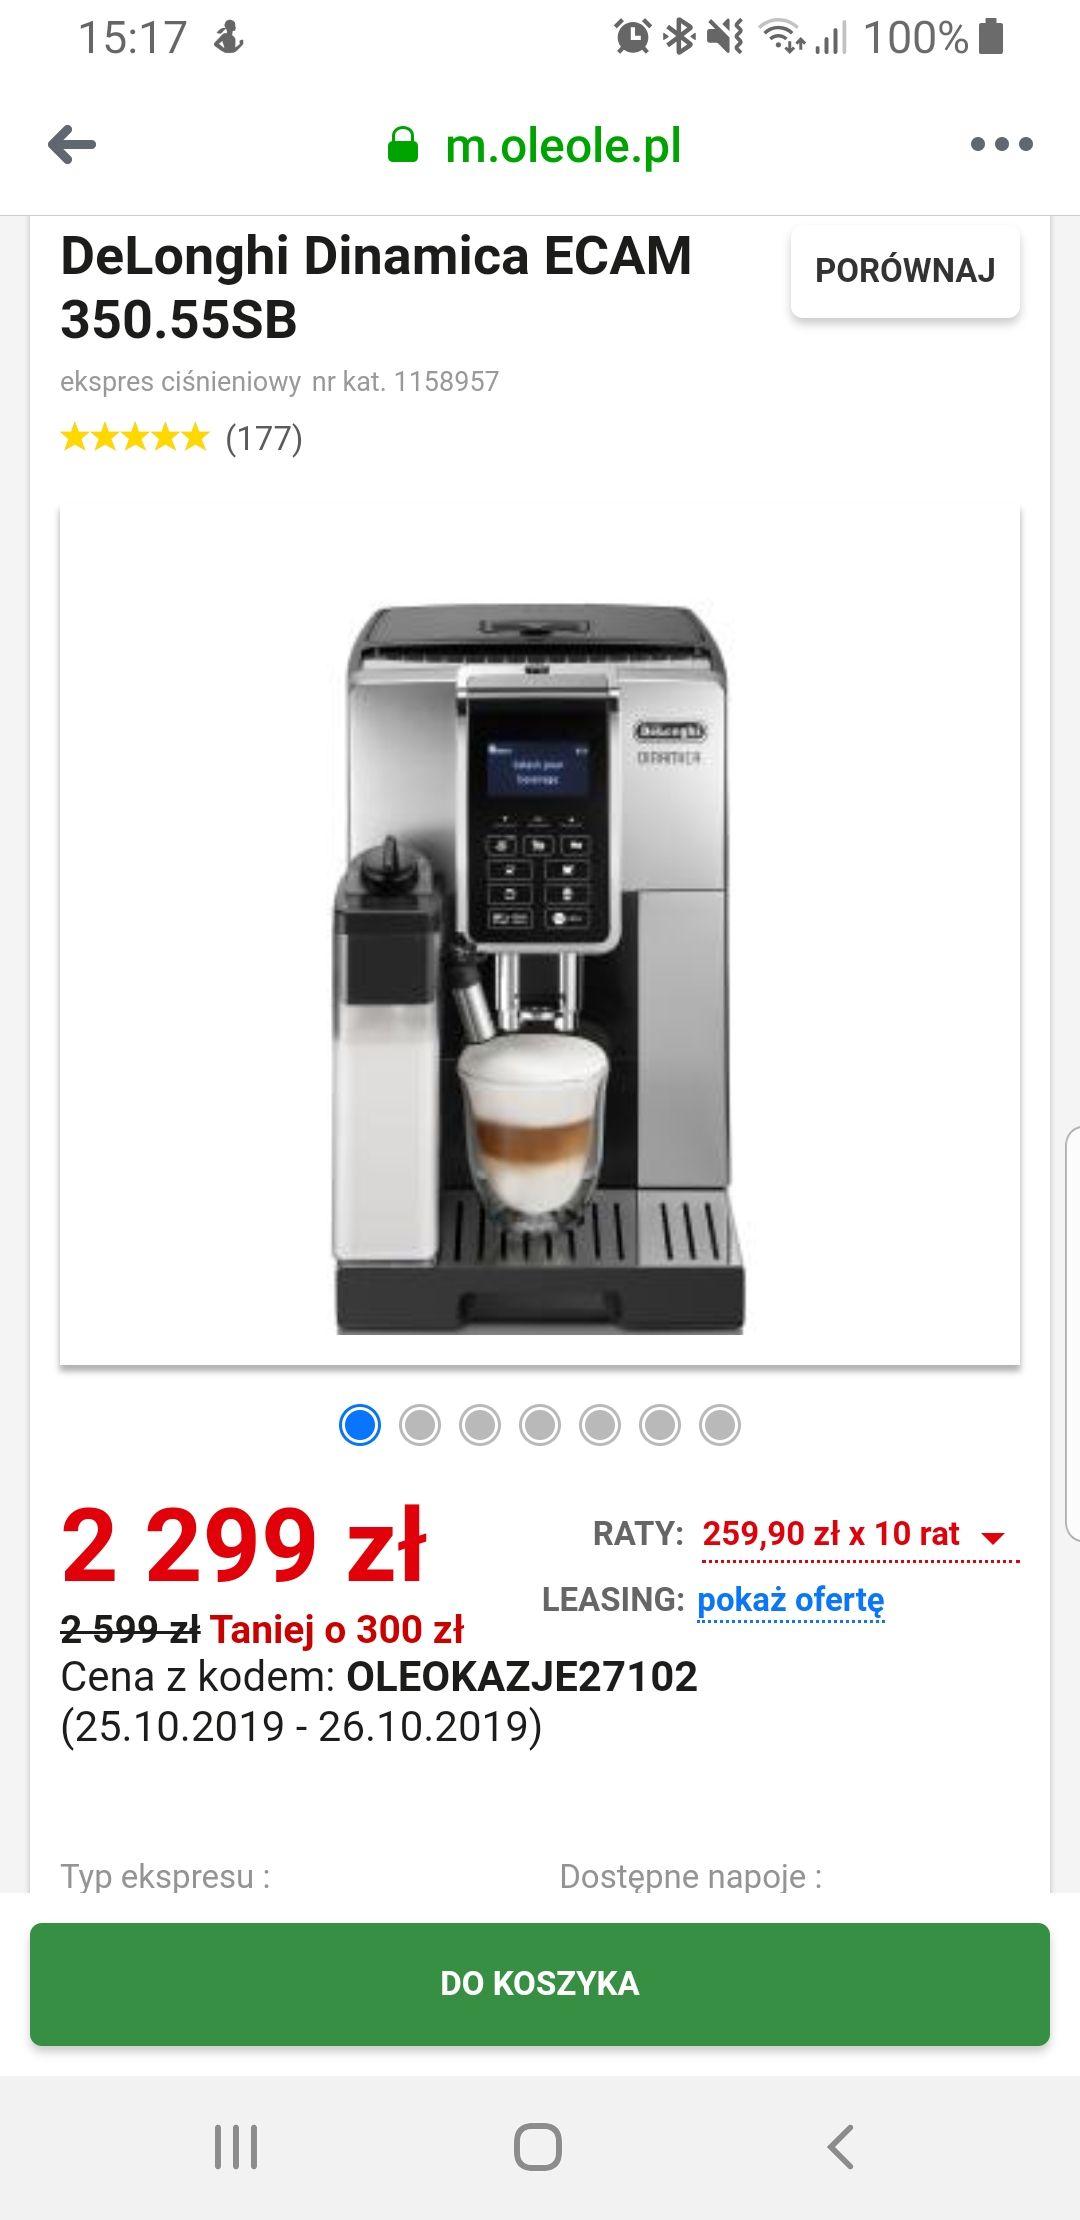 DeLonghi Dinamica ECAM 350.55SB